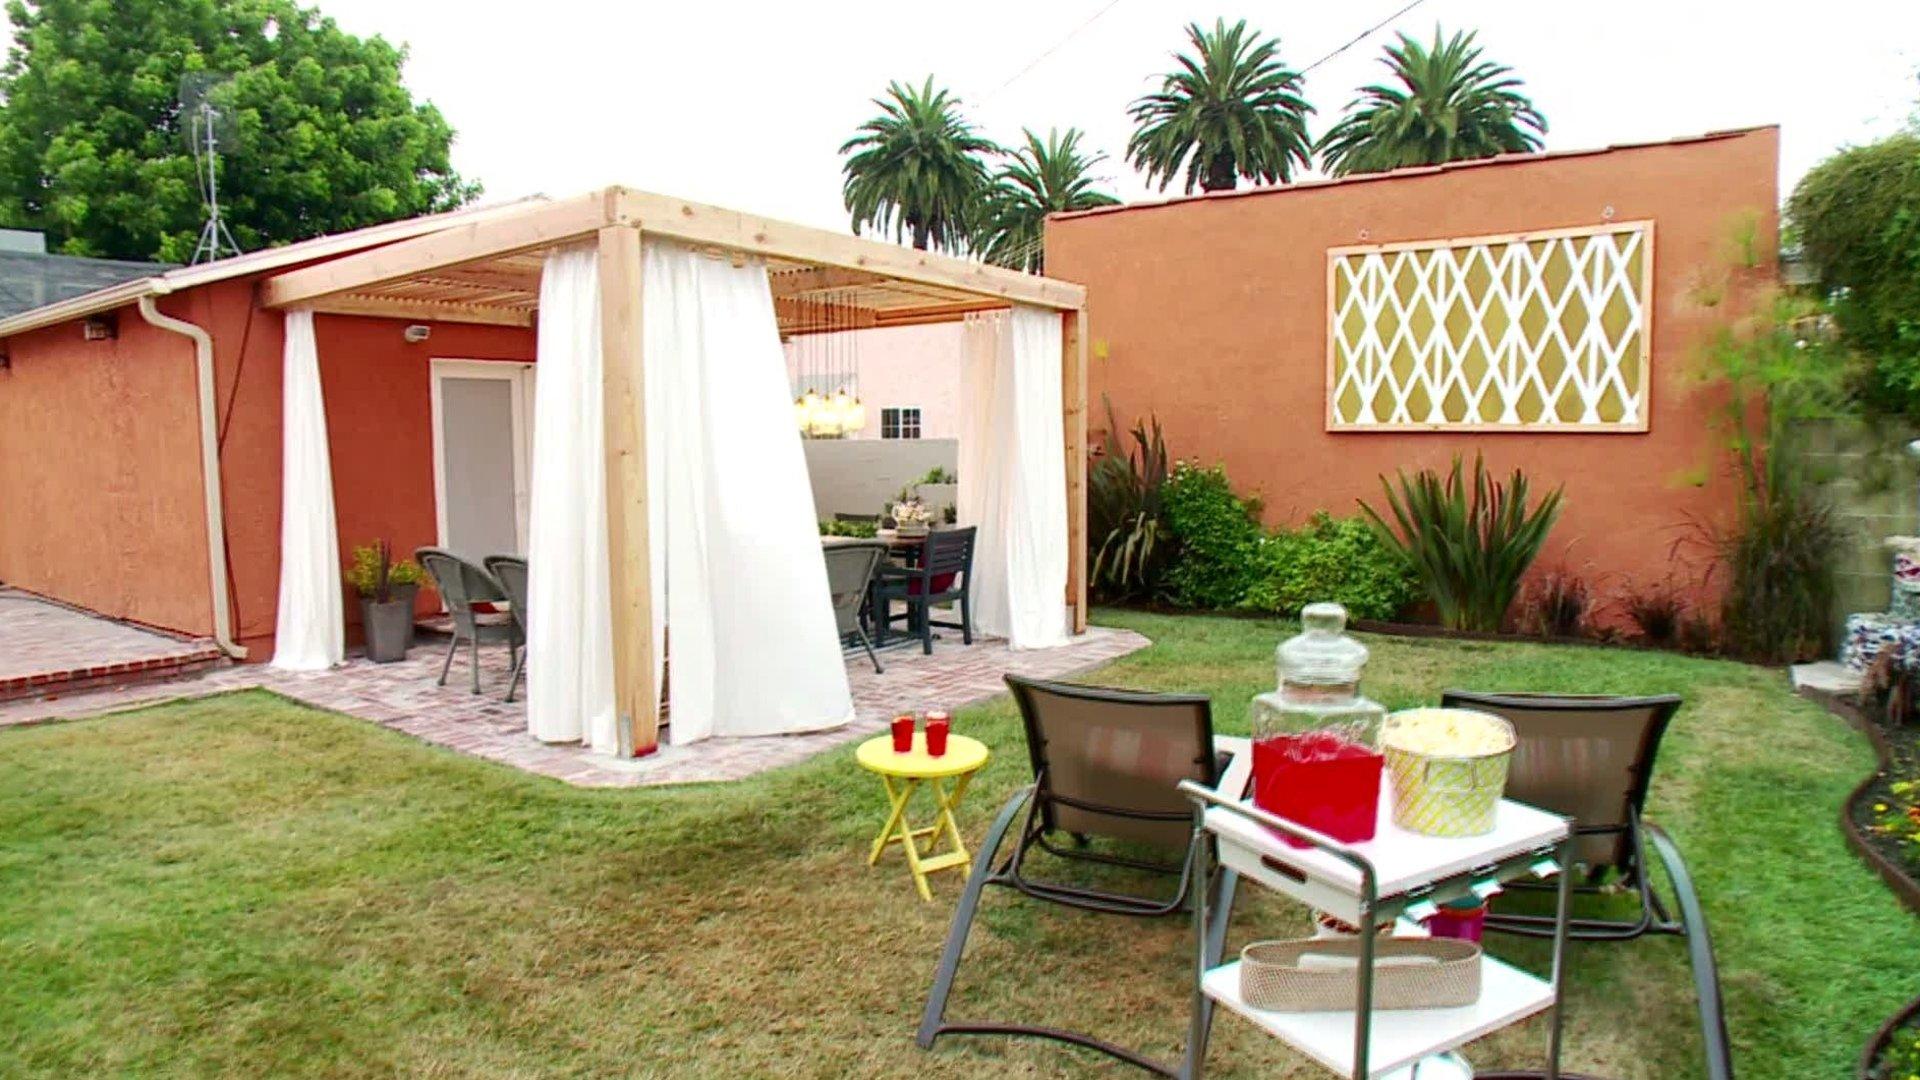 10 Great Do It Yourself Backyard Ideas 12 budget friendly backyards diy 4 2021